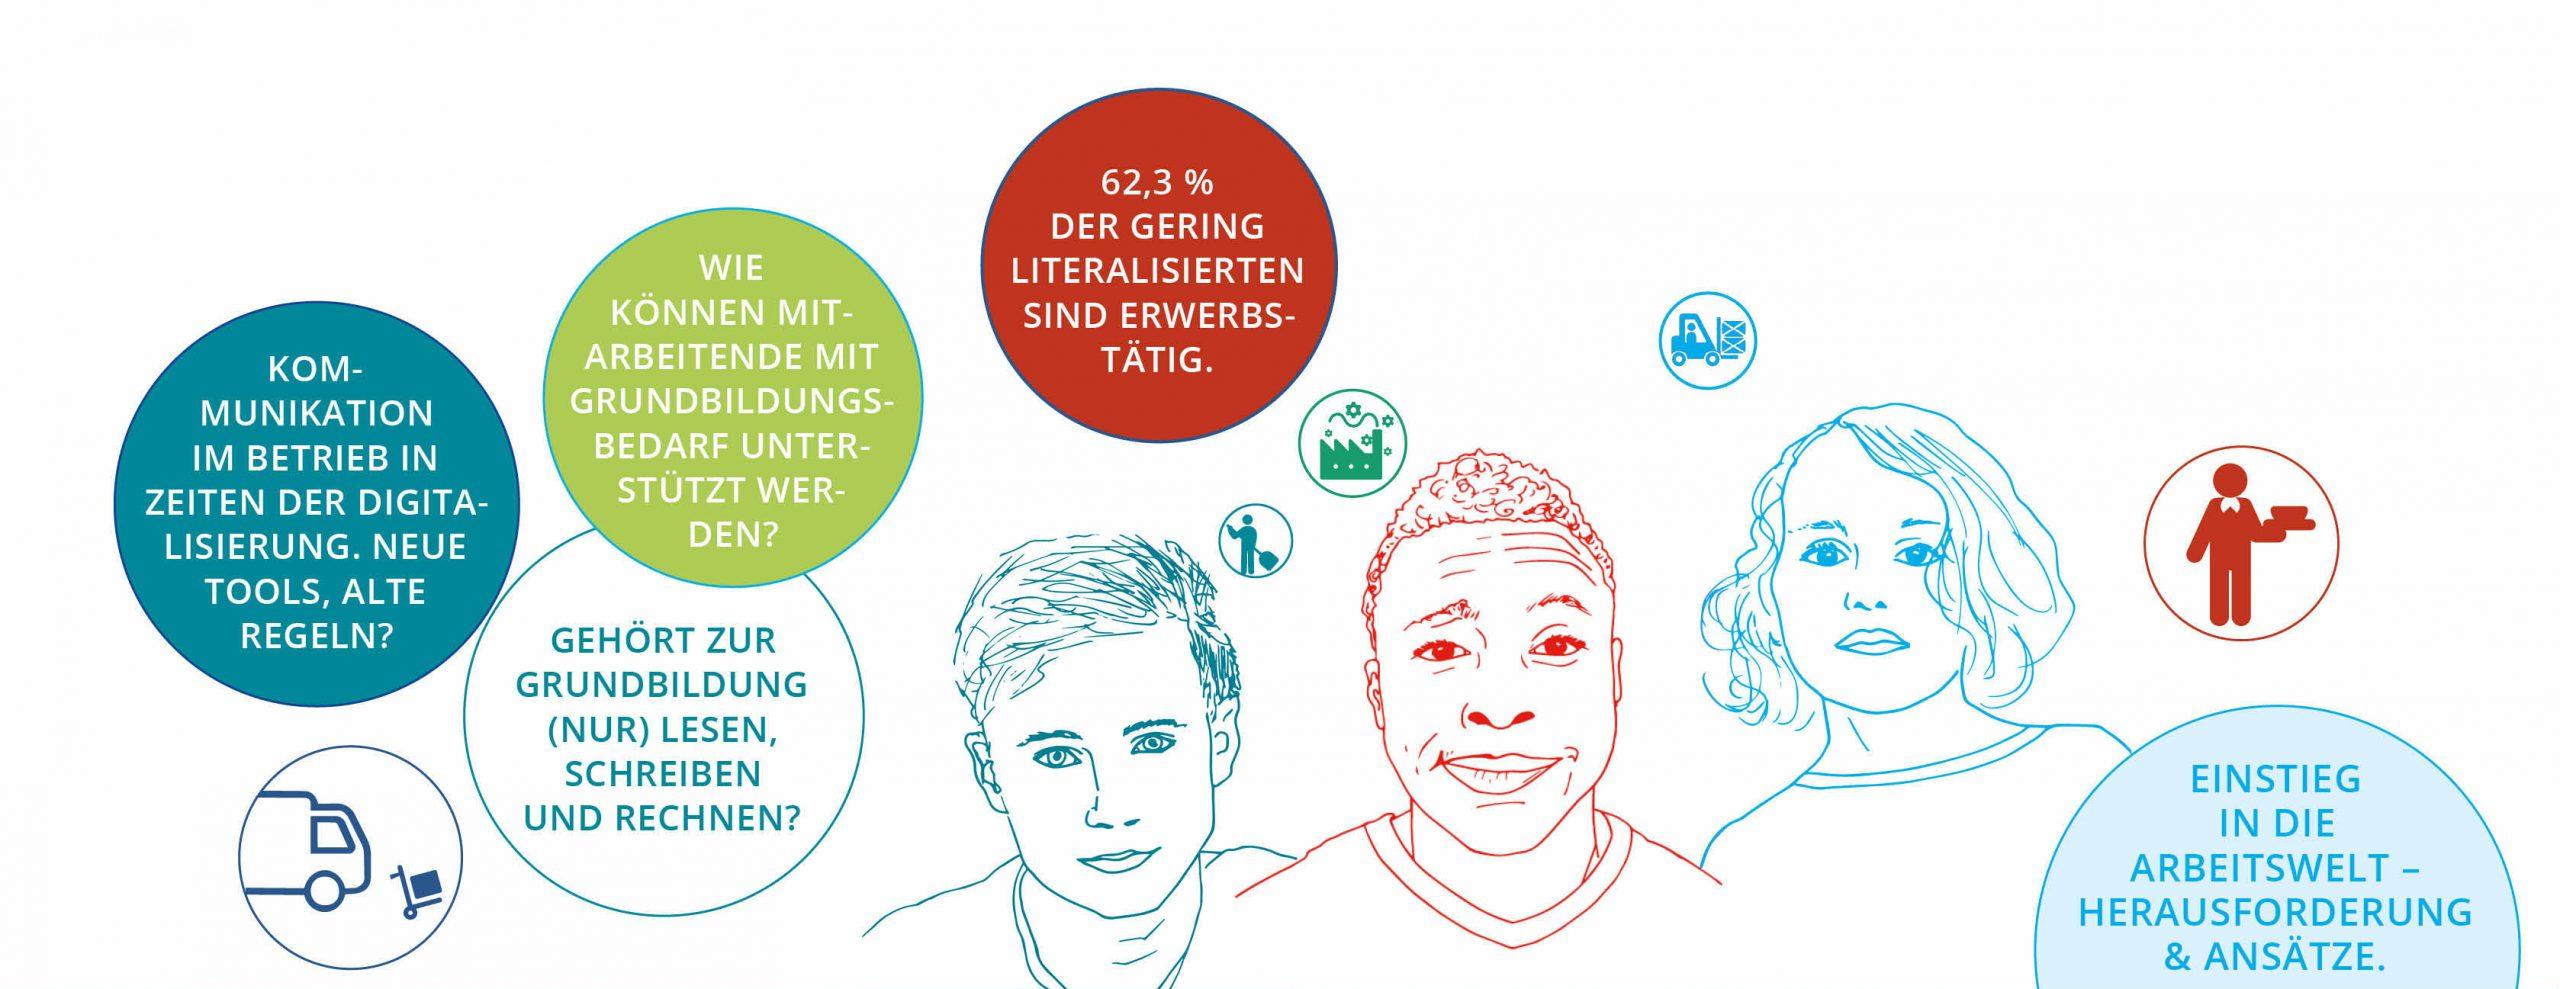 FACHAUSTAUSCH IM VIRTUELLEN RAUM: Einfache Sprache und Grundbildung in Ausbildungsbetrieben – Digitale Lösungswege